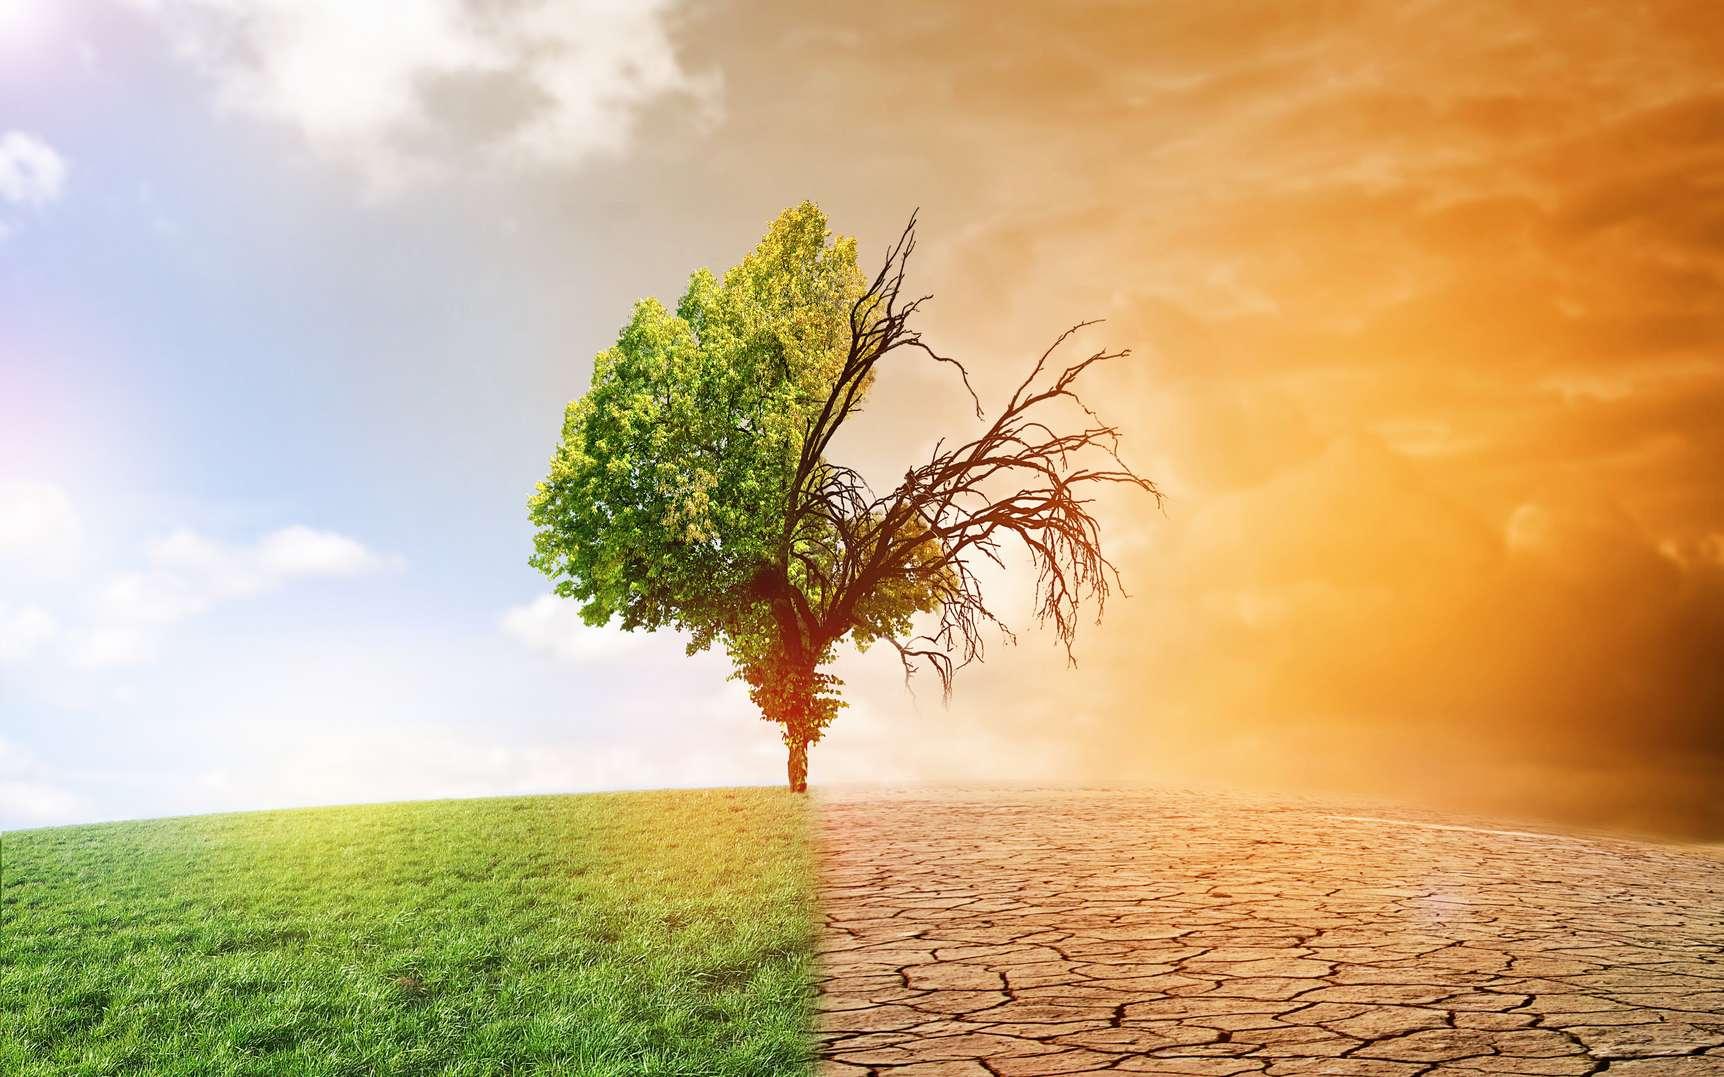 Le réchauffement climatique menace de transformer notre monde en enfer si nous ne faisons rien. © fotolia-jozsitoeroe